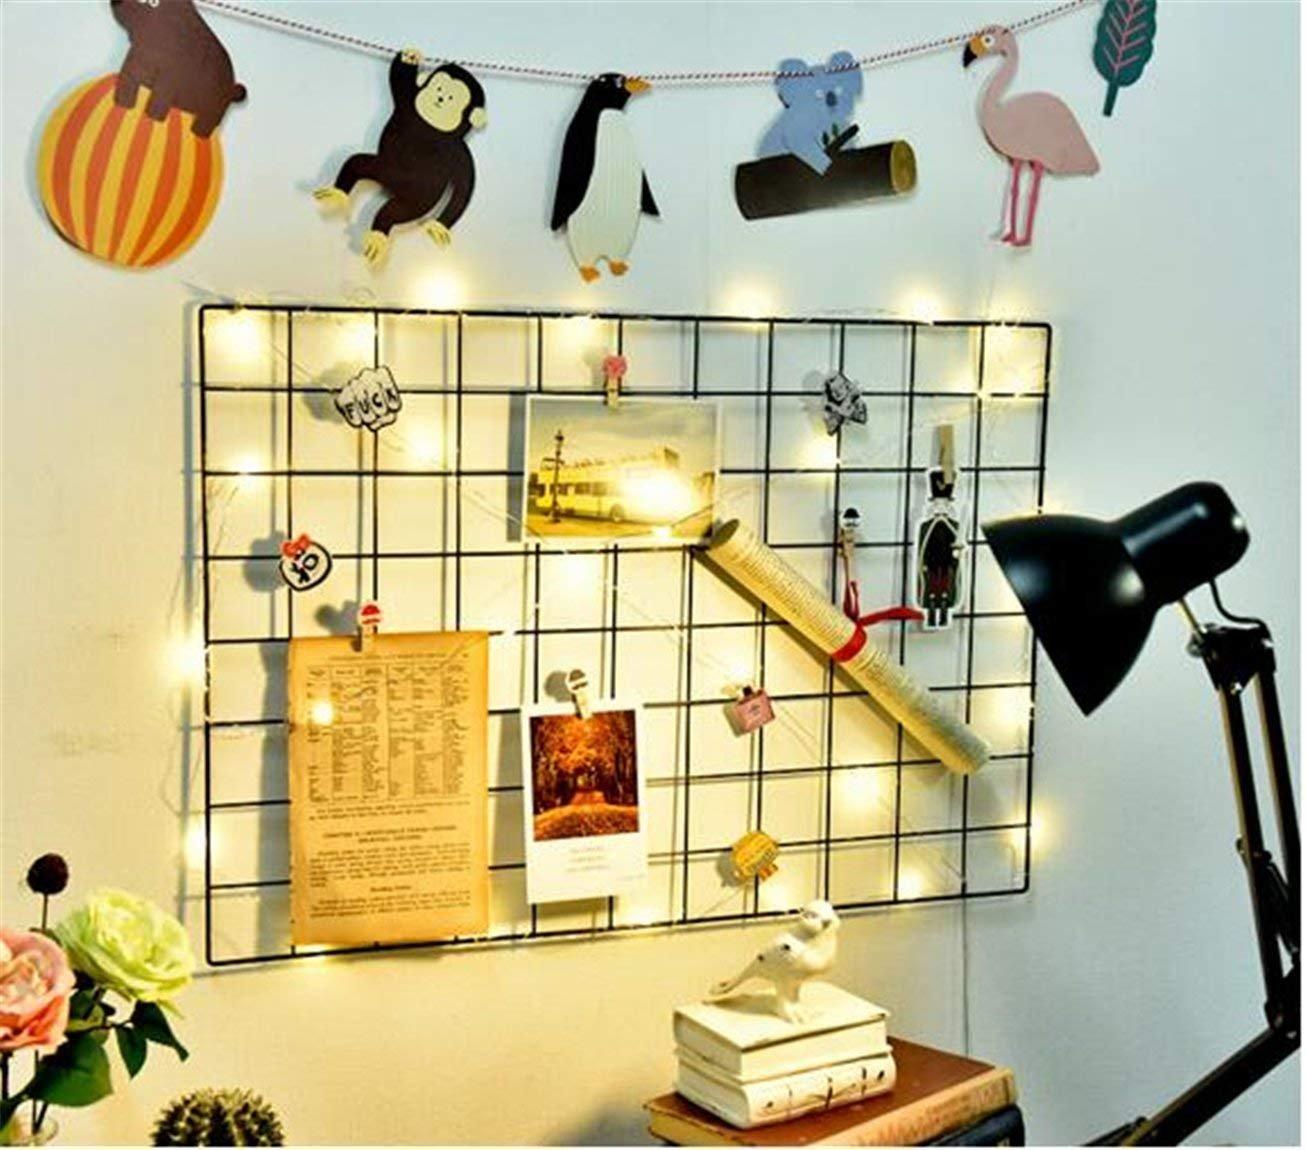 WJSX DIY Hierro cuadr/ícula Panel Foto Pared multifunci/ón Metal Mesh Pared decoraci/ón//Colgando Foto Pared//Pantalla artey Organizador 65X45CM, Negro